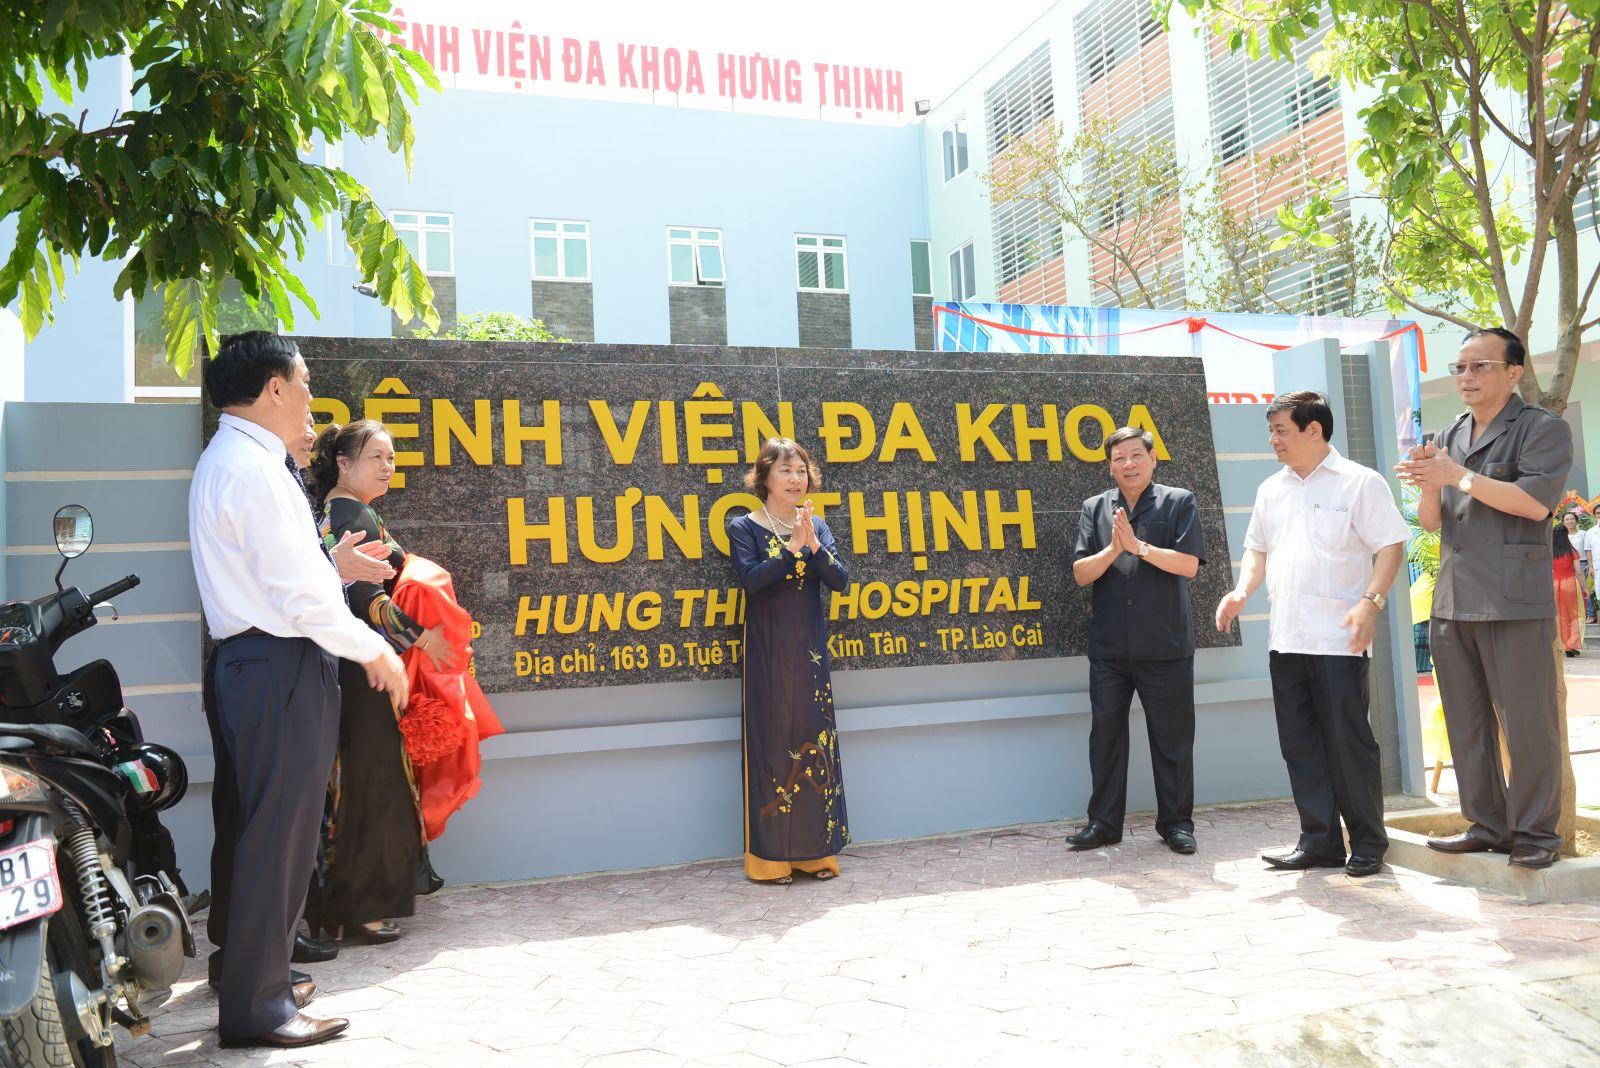 Bệnh viện Đa khoa Hưng Thịnhchữa thoát vị đĩa đệm ở Lào Cai